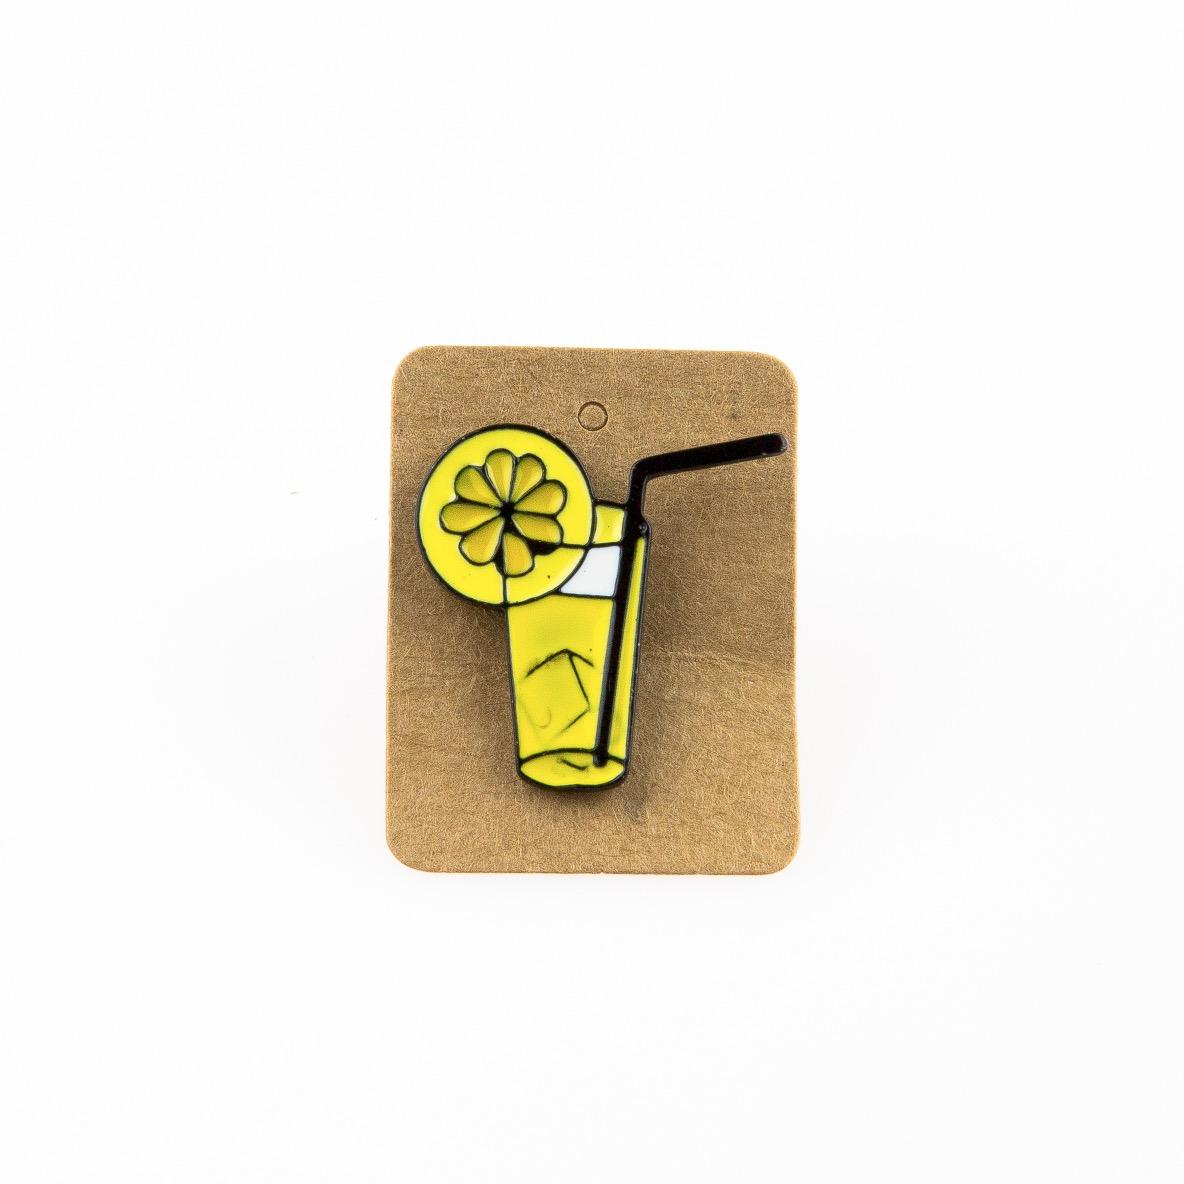 Metal Lemonade Enamel Pin Badge